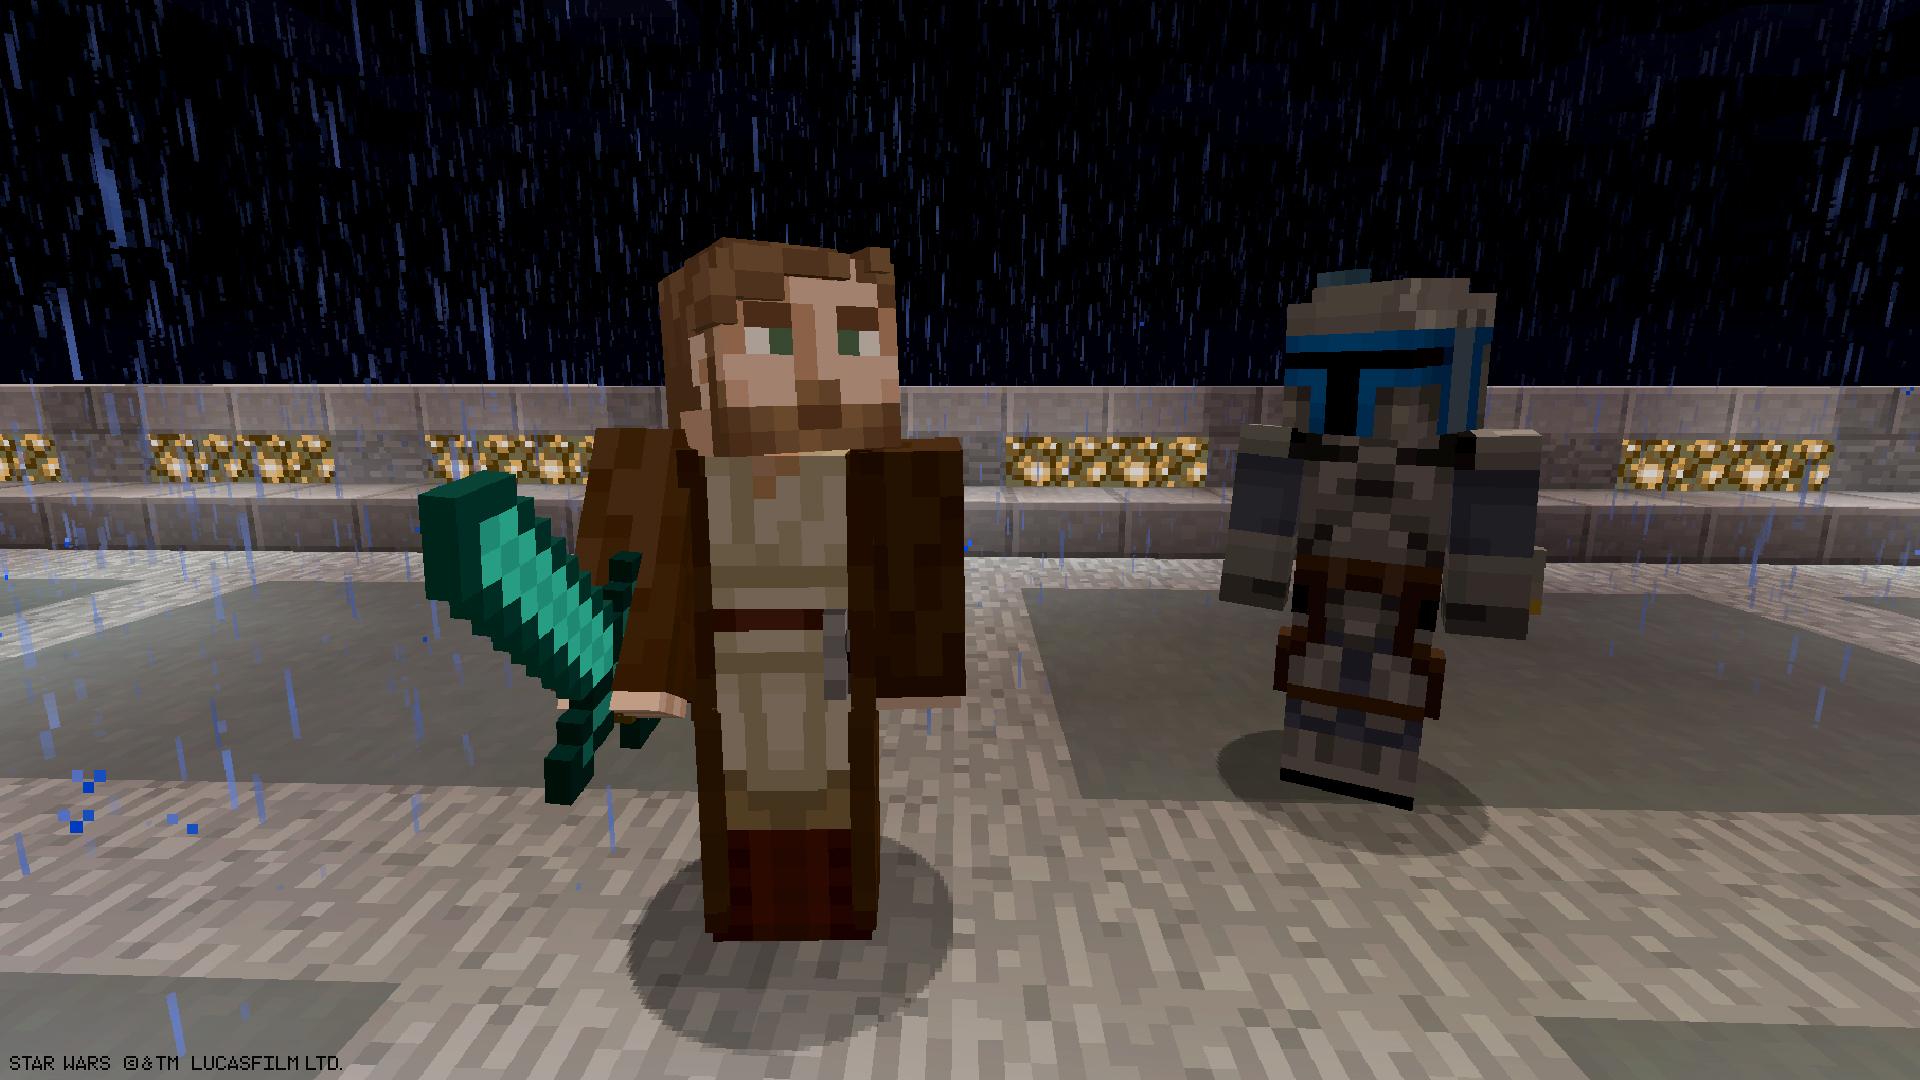 Personagens de Star Wars Prequel chegam ao planeta Minecraft